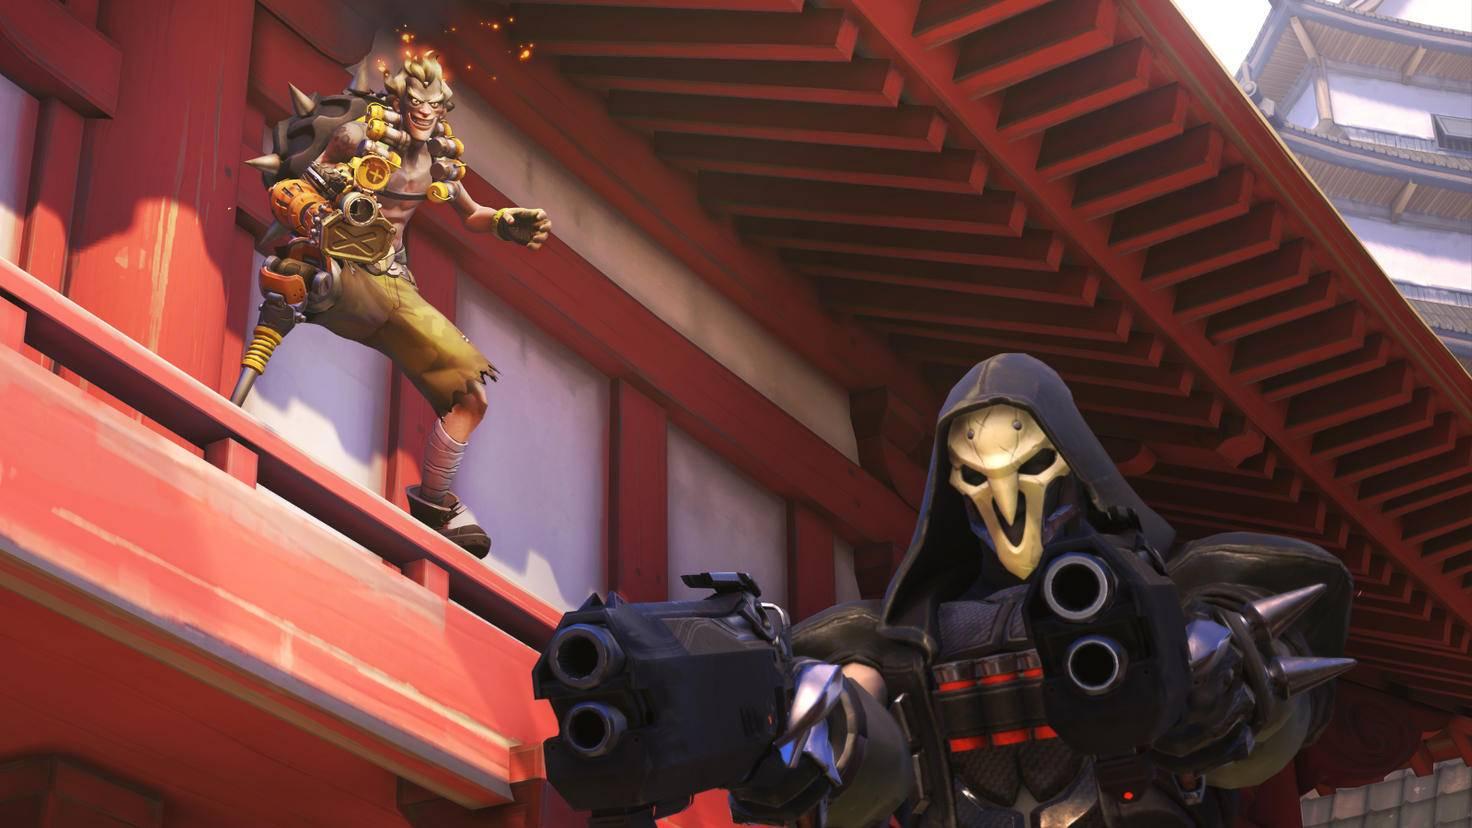 """Mit charismatischen Helden und zugänglichem Gameplay sicherte sich Blizzards """"Overwatch"""" die Spitzenposition bei den Hero Shootern."""